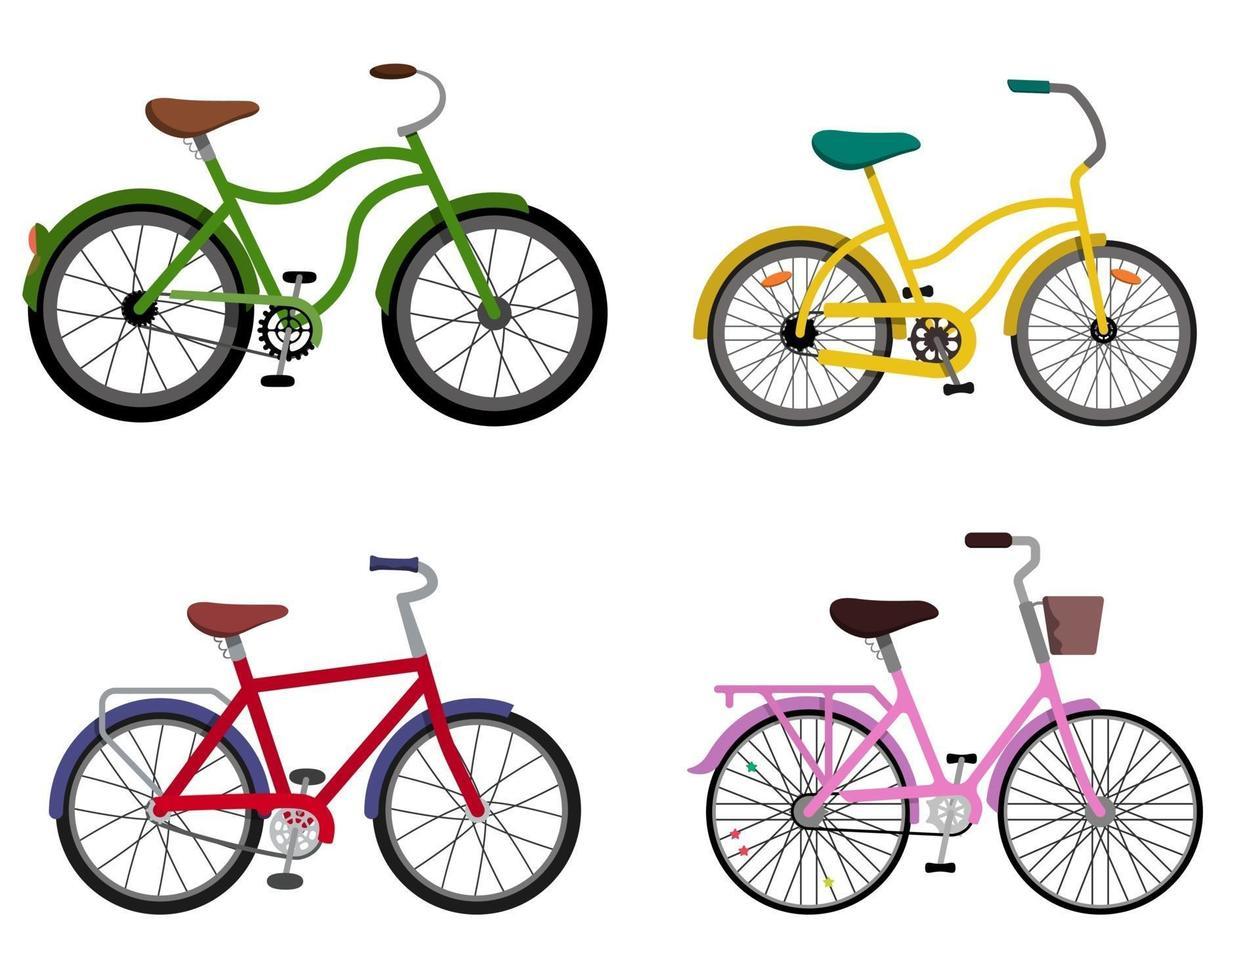 conjunto de bicicletas diferentes. vetor